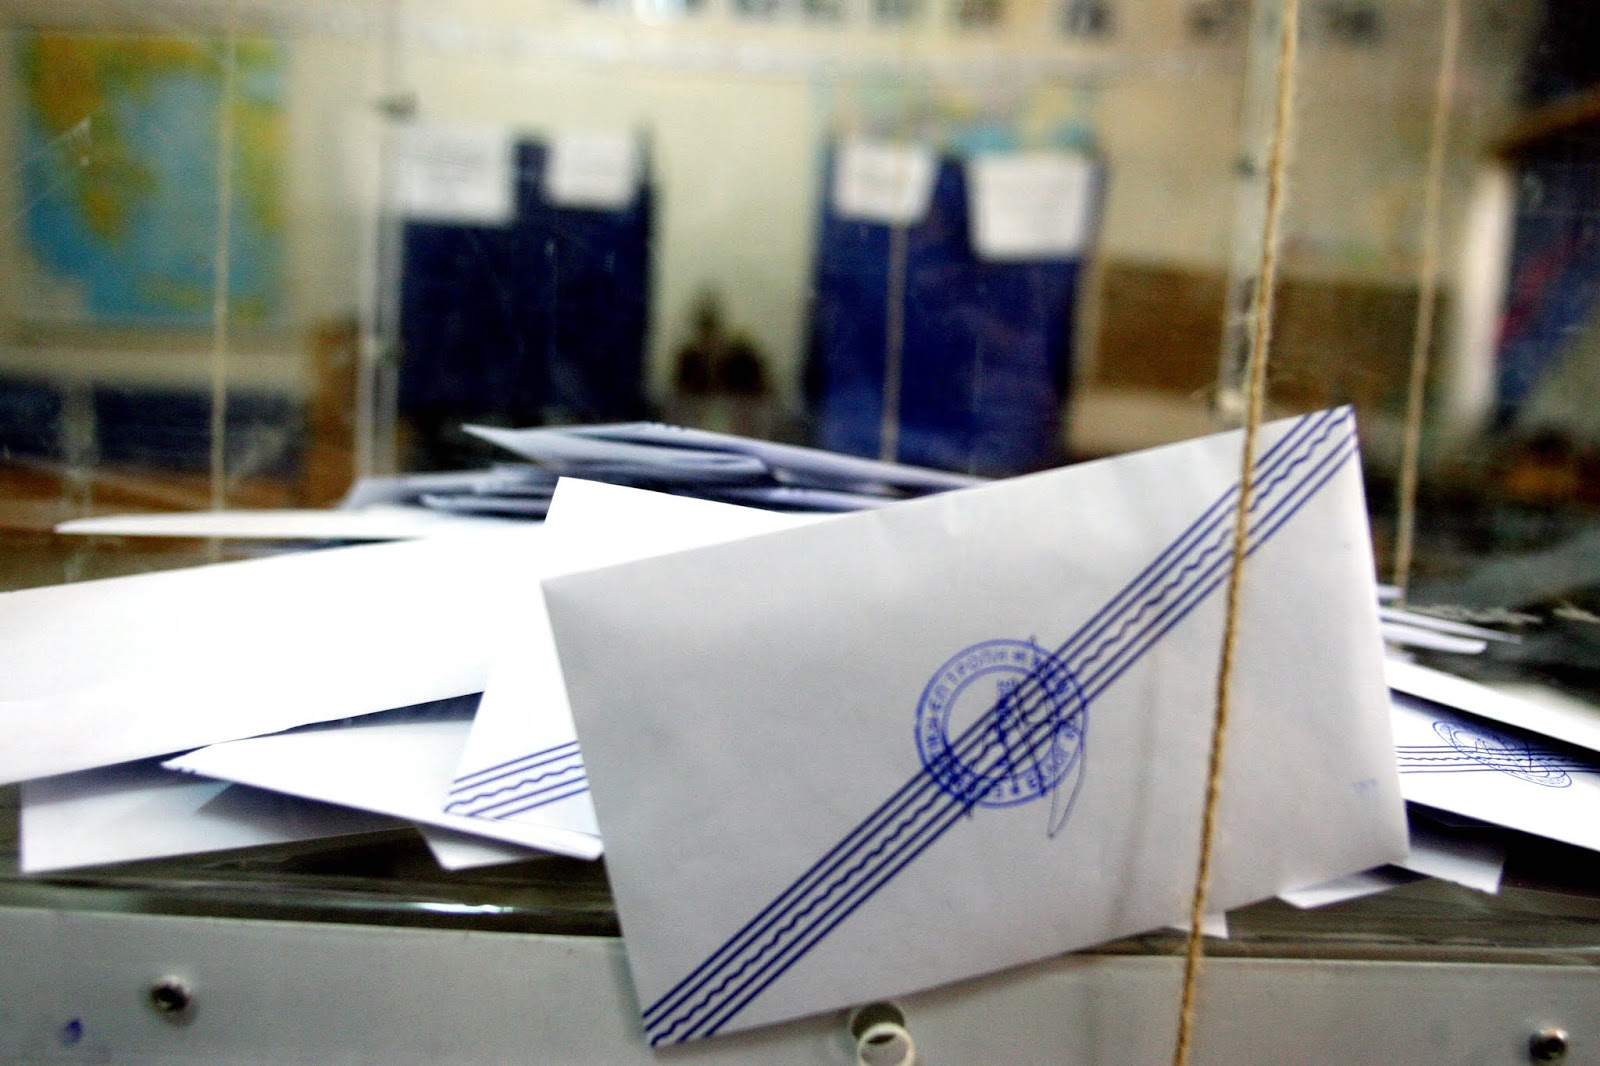 Δημοσκόπηση ALCO: Ποια κόμματα μένουν εκτός Bουλής -Τι λέει για τους δημοσίους υπαλλήλους